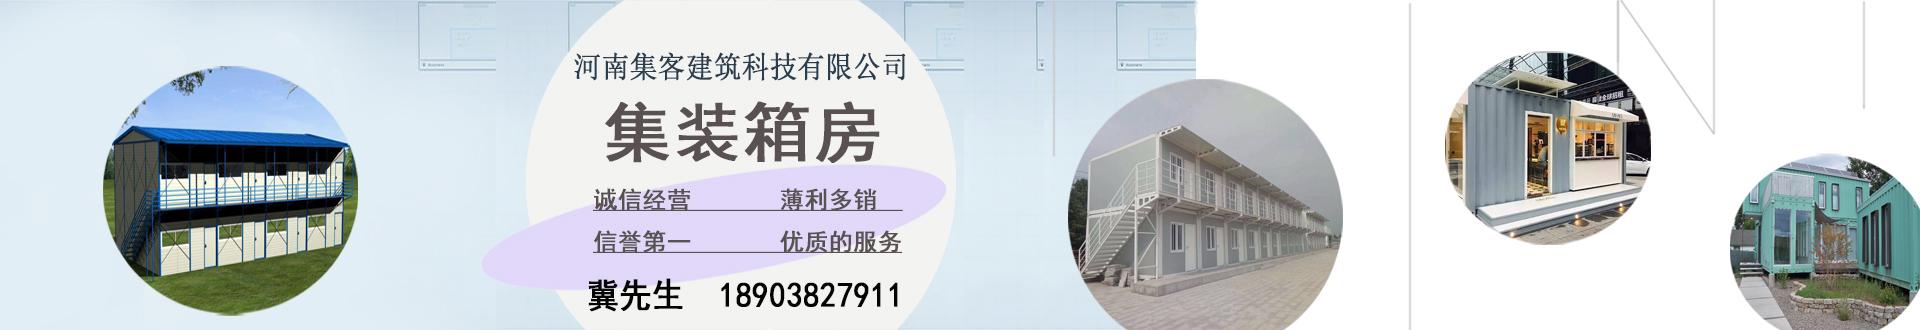 河南集客建筑科技有限公司